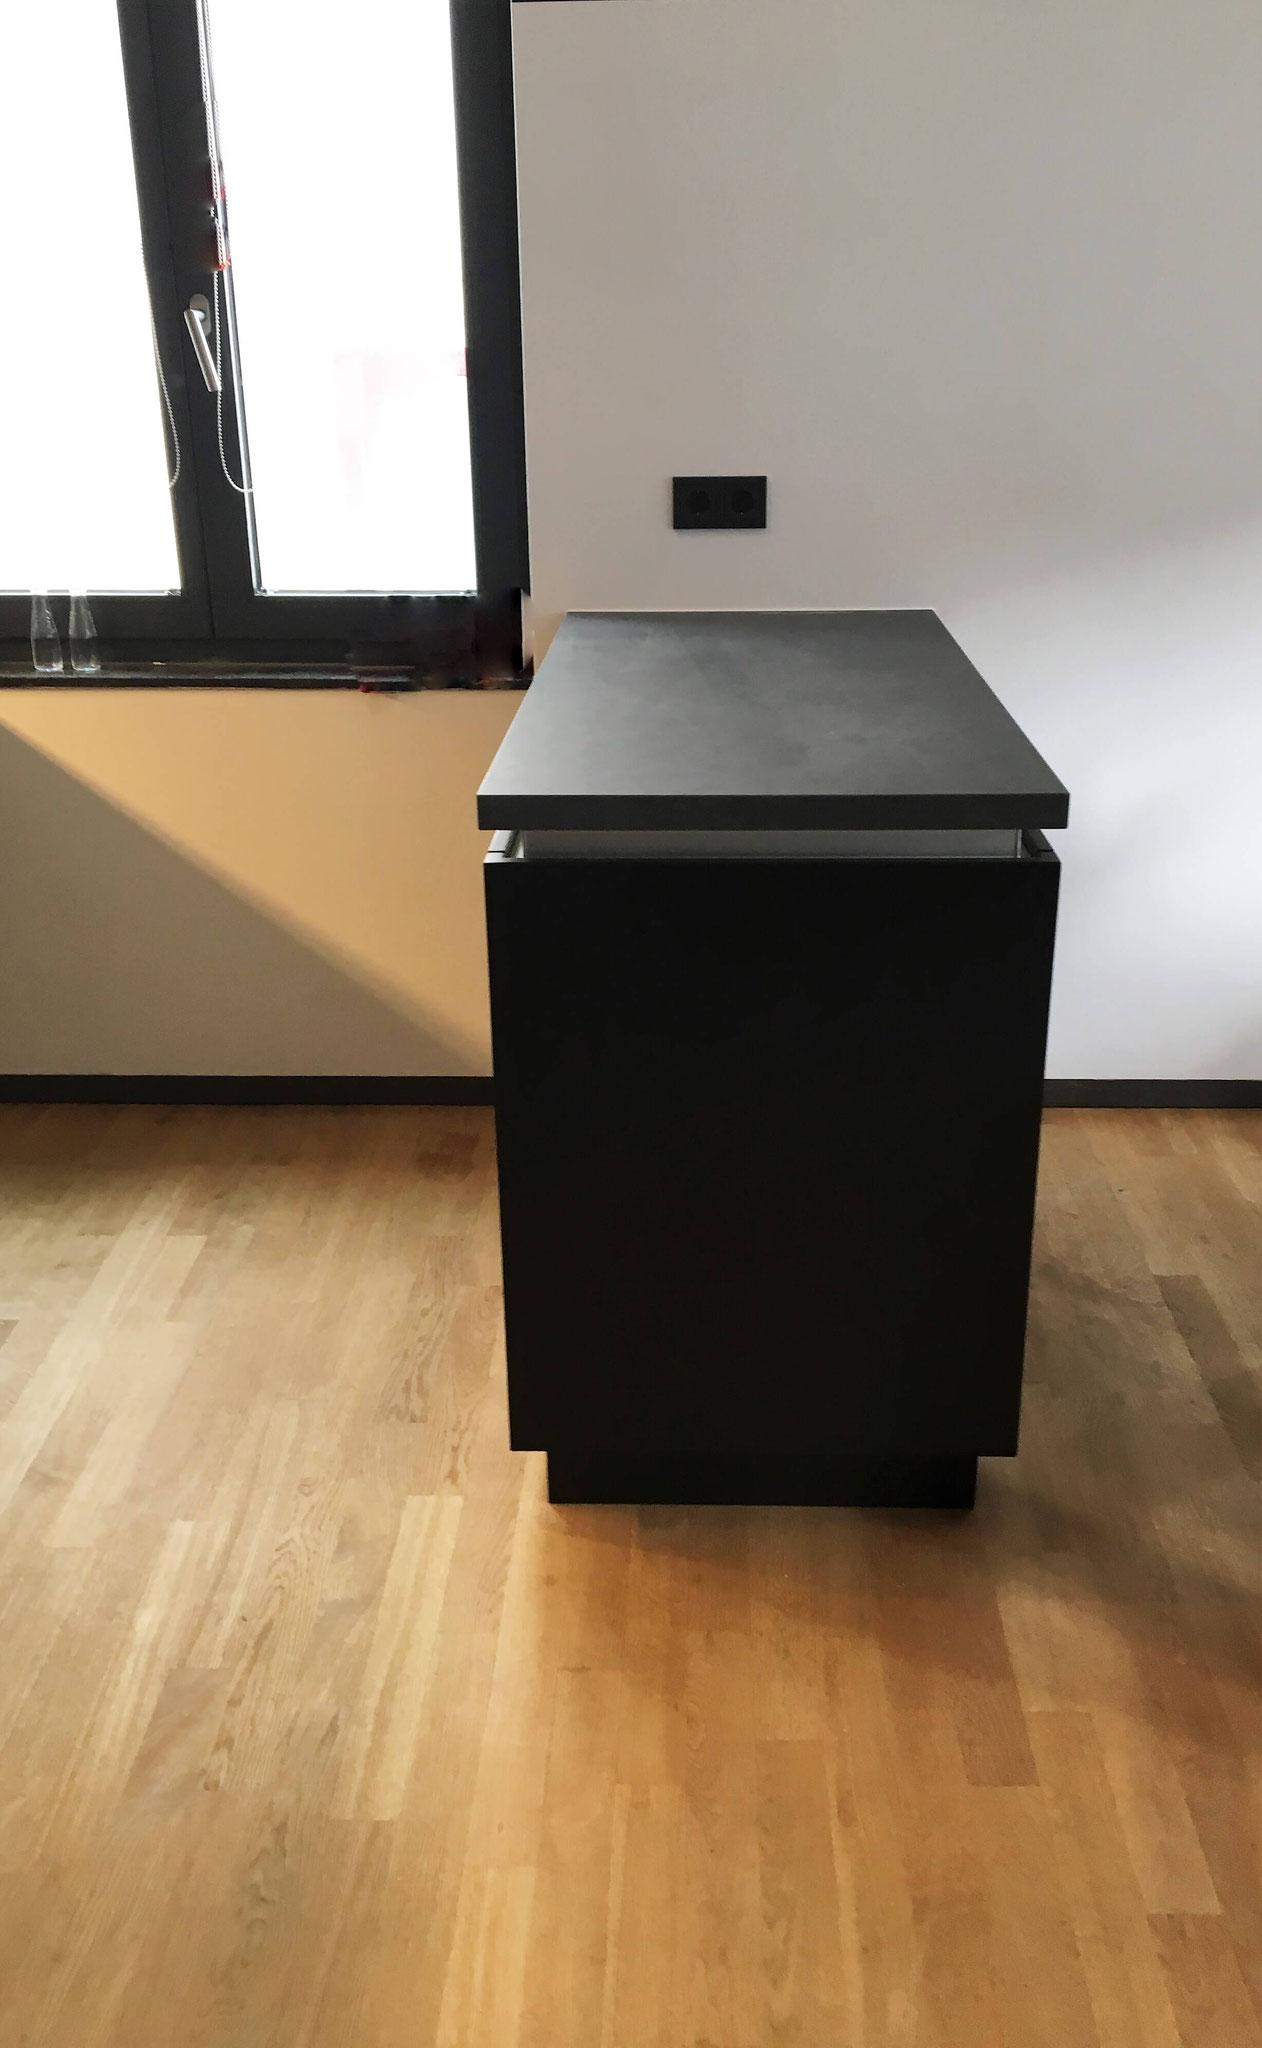 Isoliermaterial Für Terren | Nice Raumteiler Kuche Pictures Raumteiler Kuche Wohnzimmer 21